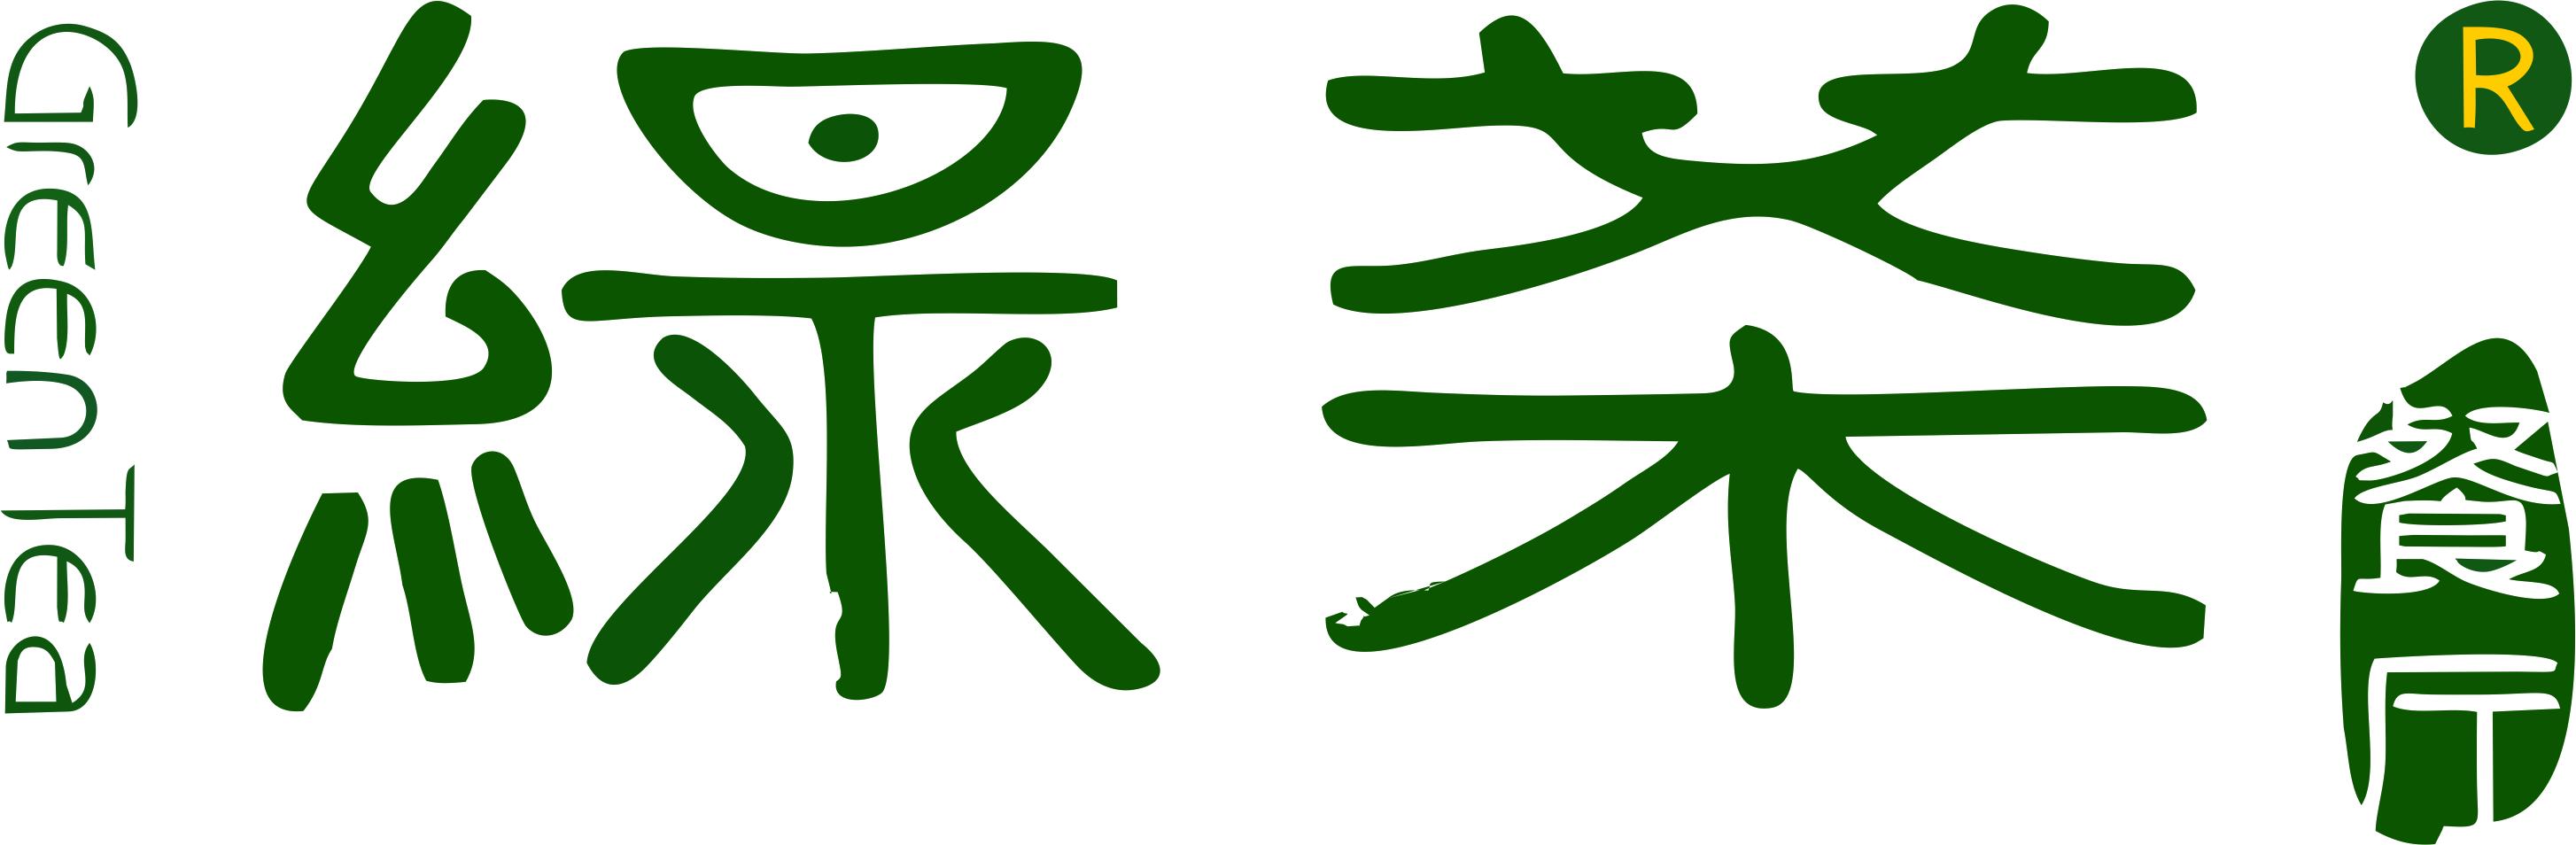 西藏绿茶餐饮管理有限公司